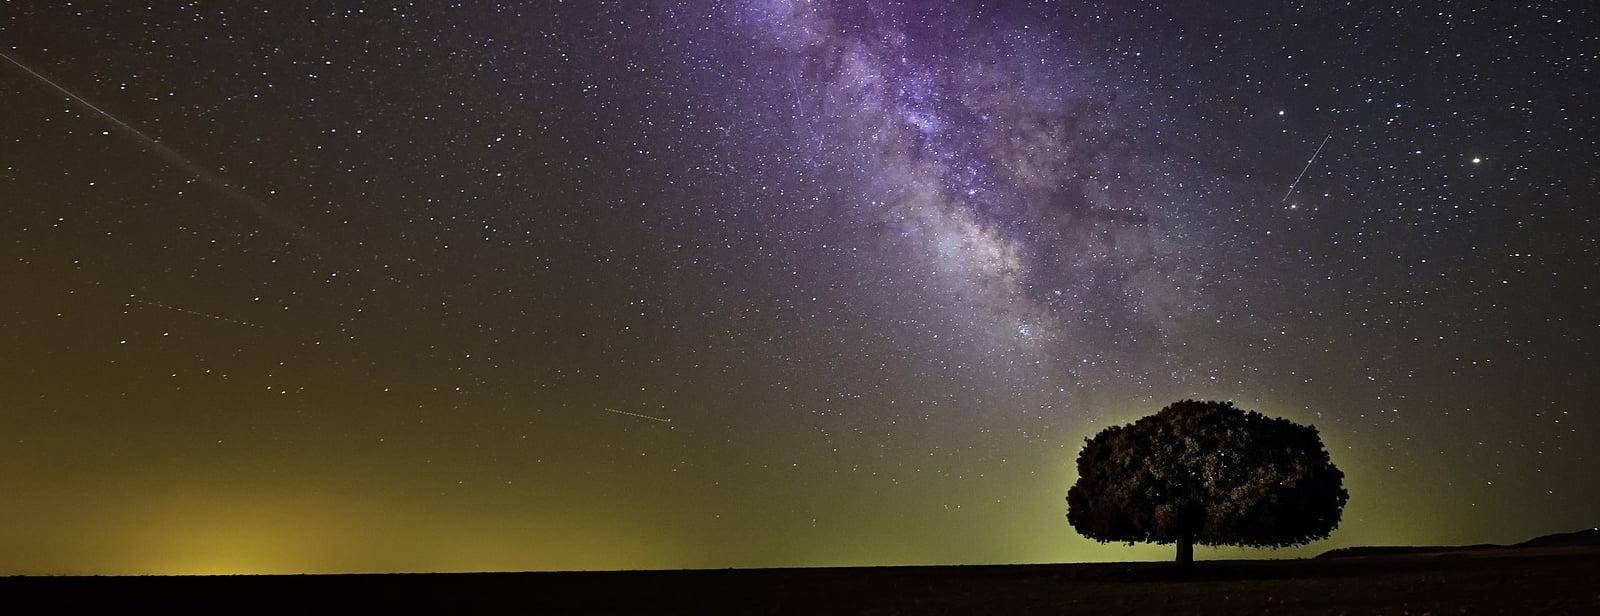 Peut-on découvrir Dieu dans la nature ? Théologie naturelle vs Révélation naturelle